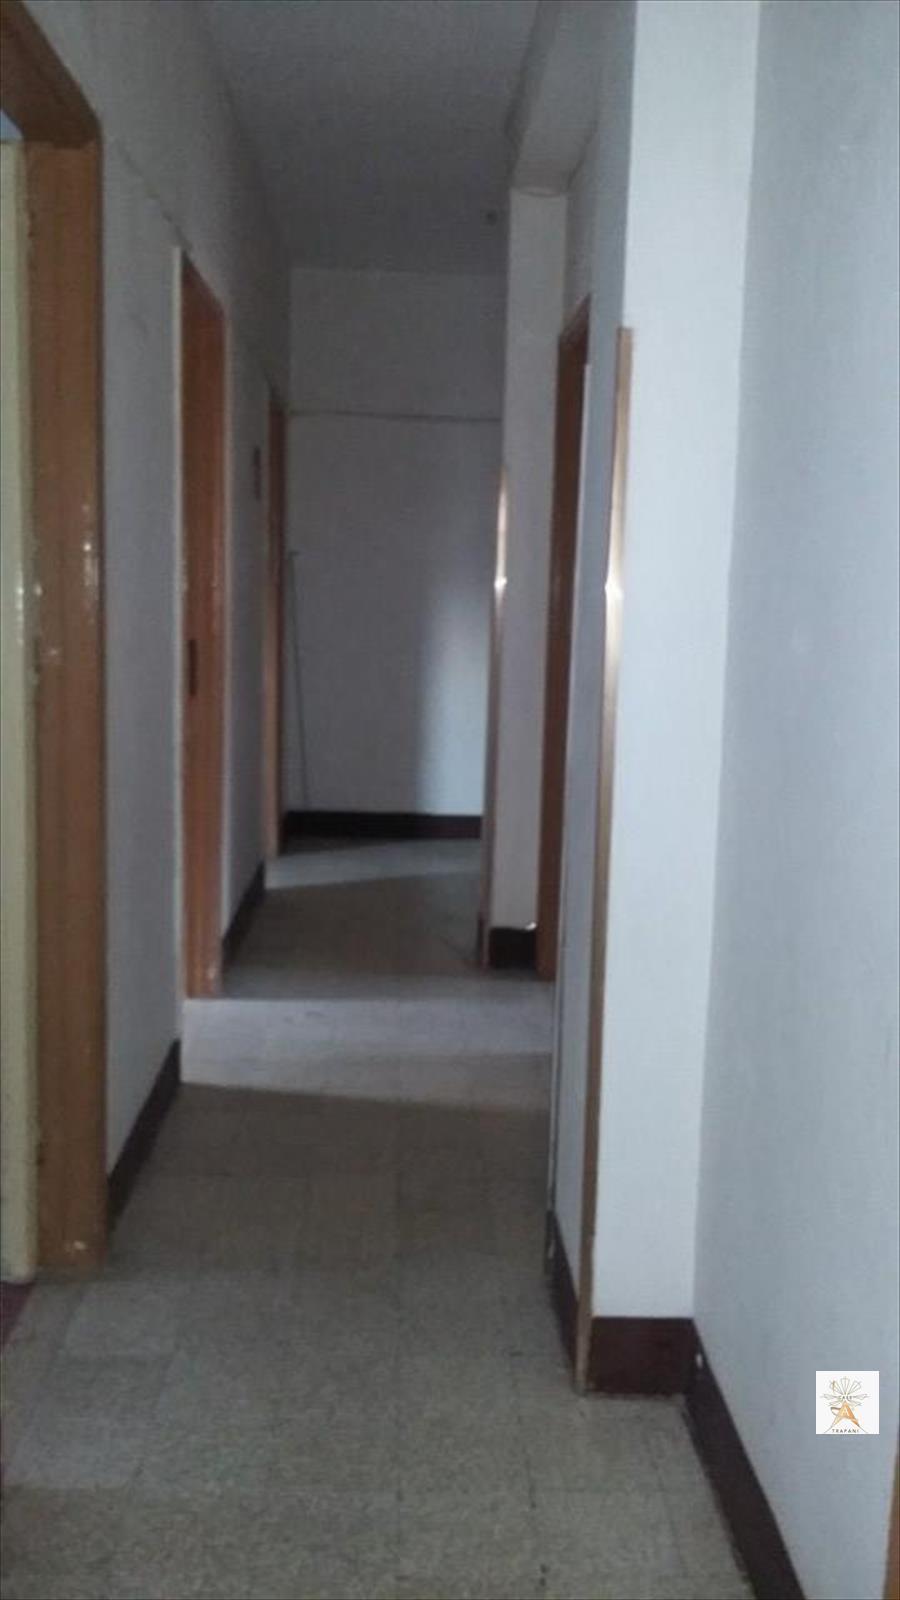 Appartamento in vendita a Erice, 5 locali, prezzo € 40.000 | CambioCasa.it